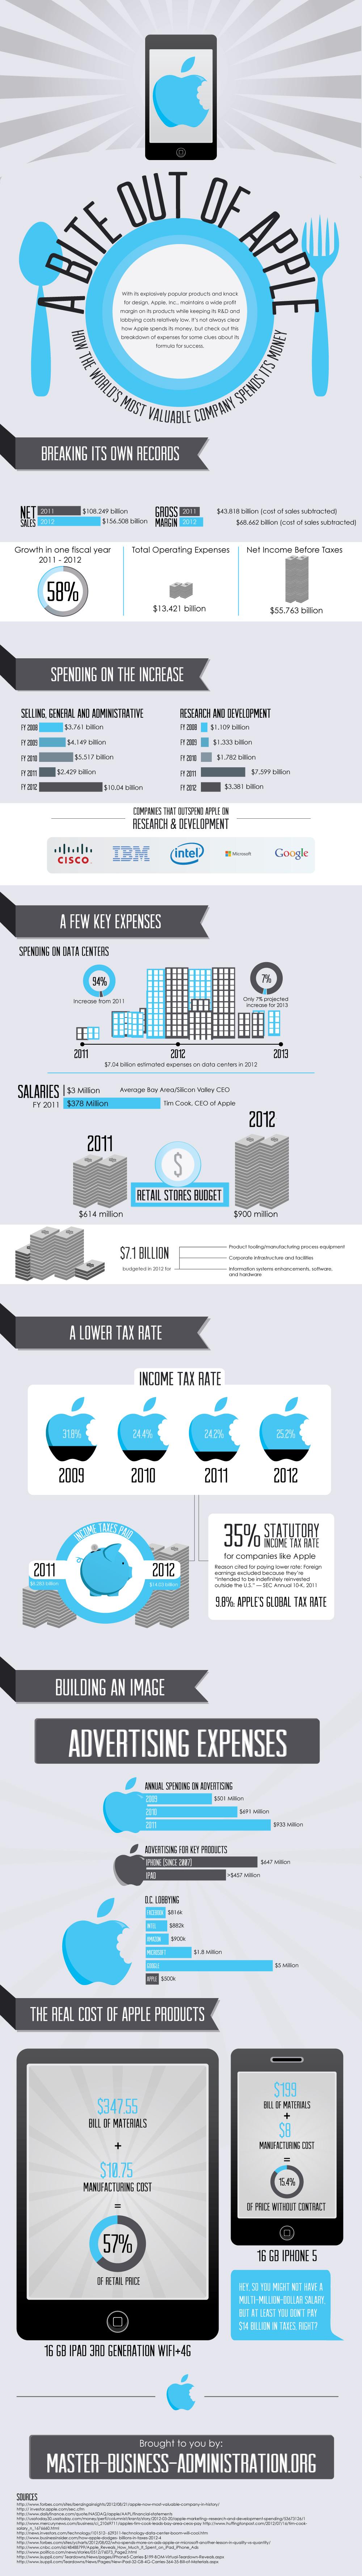 bite out of apple - Comment Apple dépense son argent [Infographique]